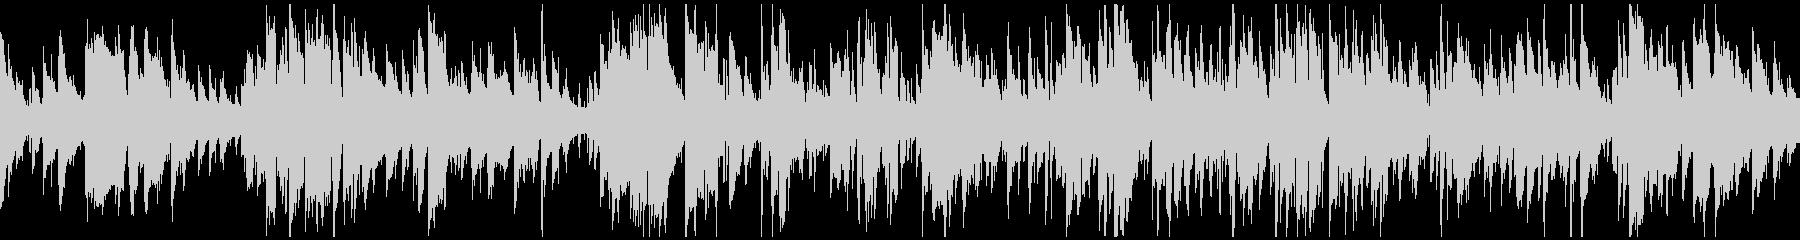 スマートで神秘的ゆったりジャズ※ループ版の未再生の波形